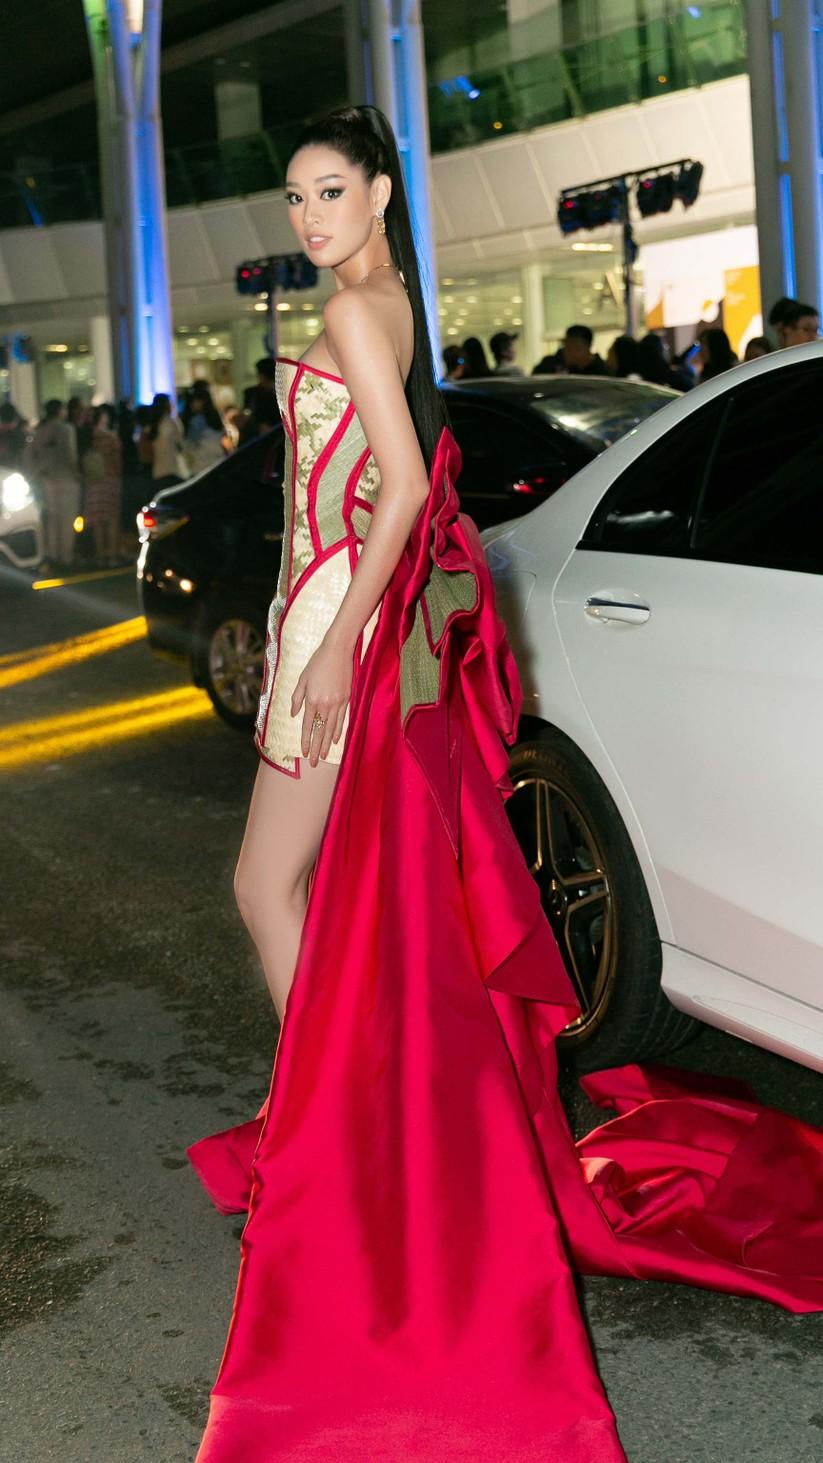 Hoa hậu Khánh Vân mặc trang phục với thông điệp bảo vệ làng nghề làm chiếu ảnh 6